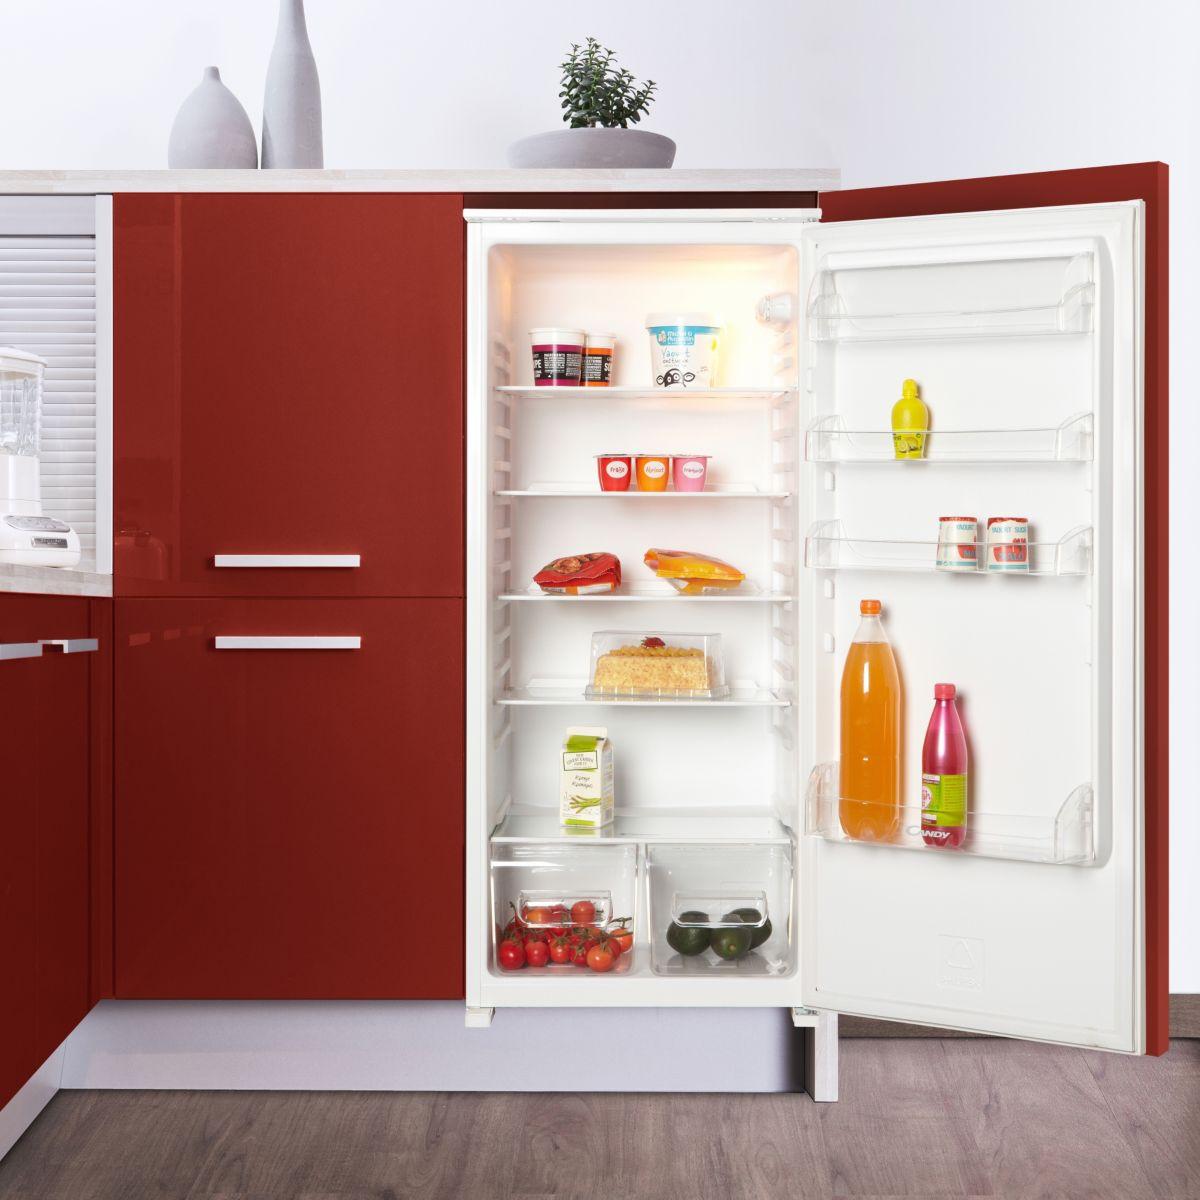 Réfrigérateur encastrable candy cfbl2150e - 10% de remise : code gam10